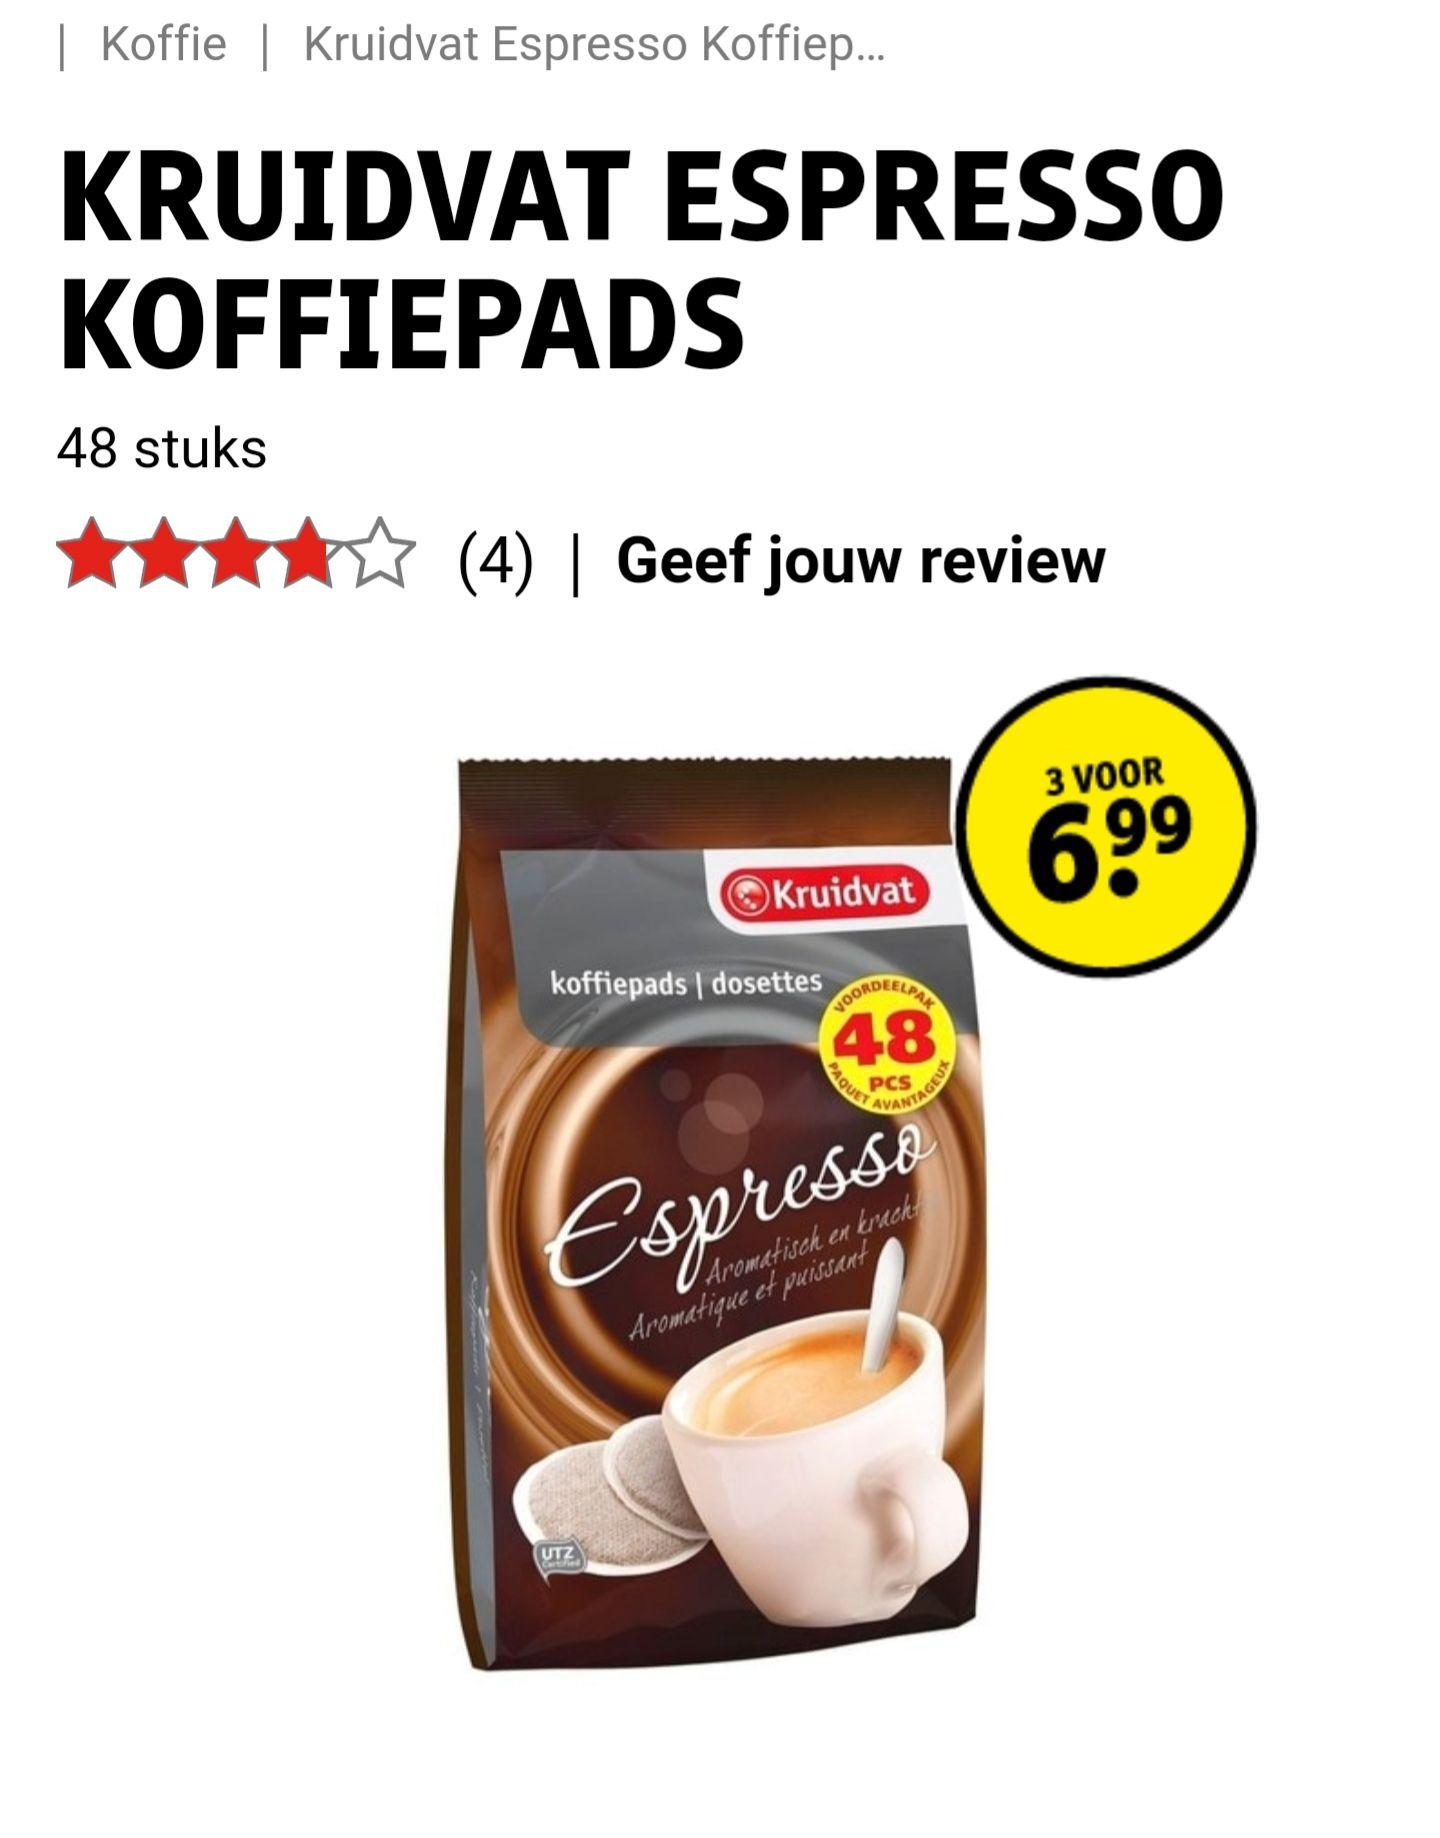 144 koffie pads voor 6.99